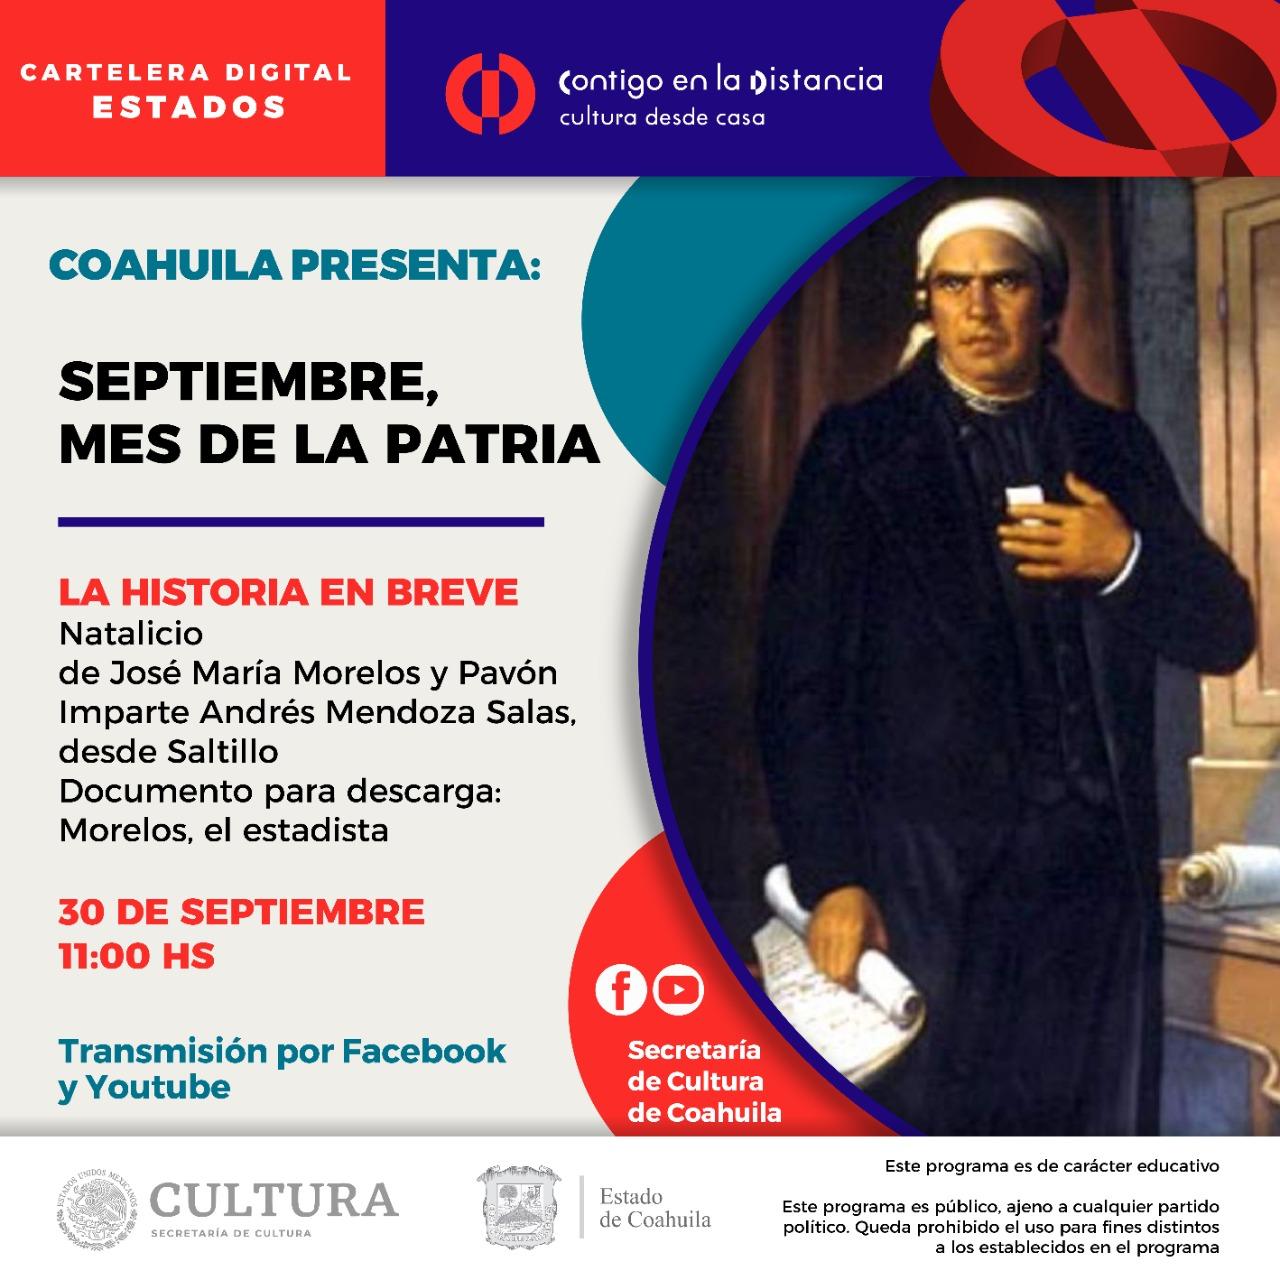 Coahuila presenta: Septiembre, mes de la Patria